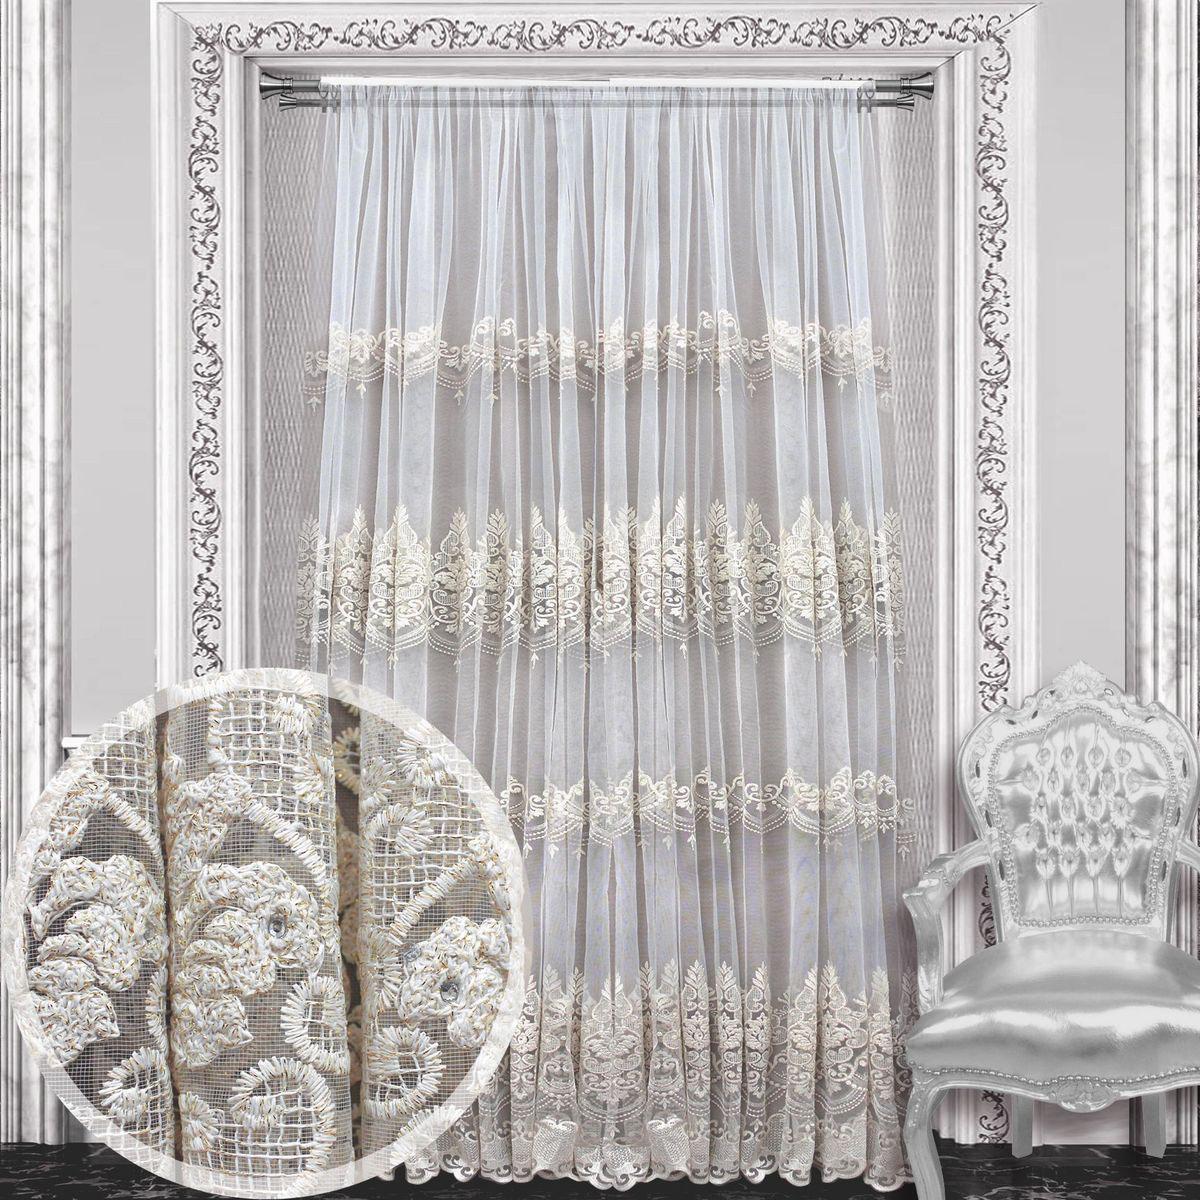 Тюль Amore Mio, на ленте, цвет: белый, высота 270 см. 8611486114Тюль Amore Mio изготовлен из 100% полиэстера. Воздушная ткань привлечет к себе внимание и идеально оформит интерьер любого помещения. Полиэстер - вид ткани, состоящий из полиэфирных волокон. Ткани из полиэстера легкие, прочные и износостойкие. Такие изделия не требуют специального ухода, не пылятся и почти не мнутся.Крепление к карнизу осуществляется при помощи вшитой шторной ленты.